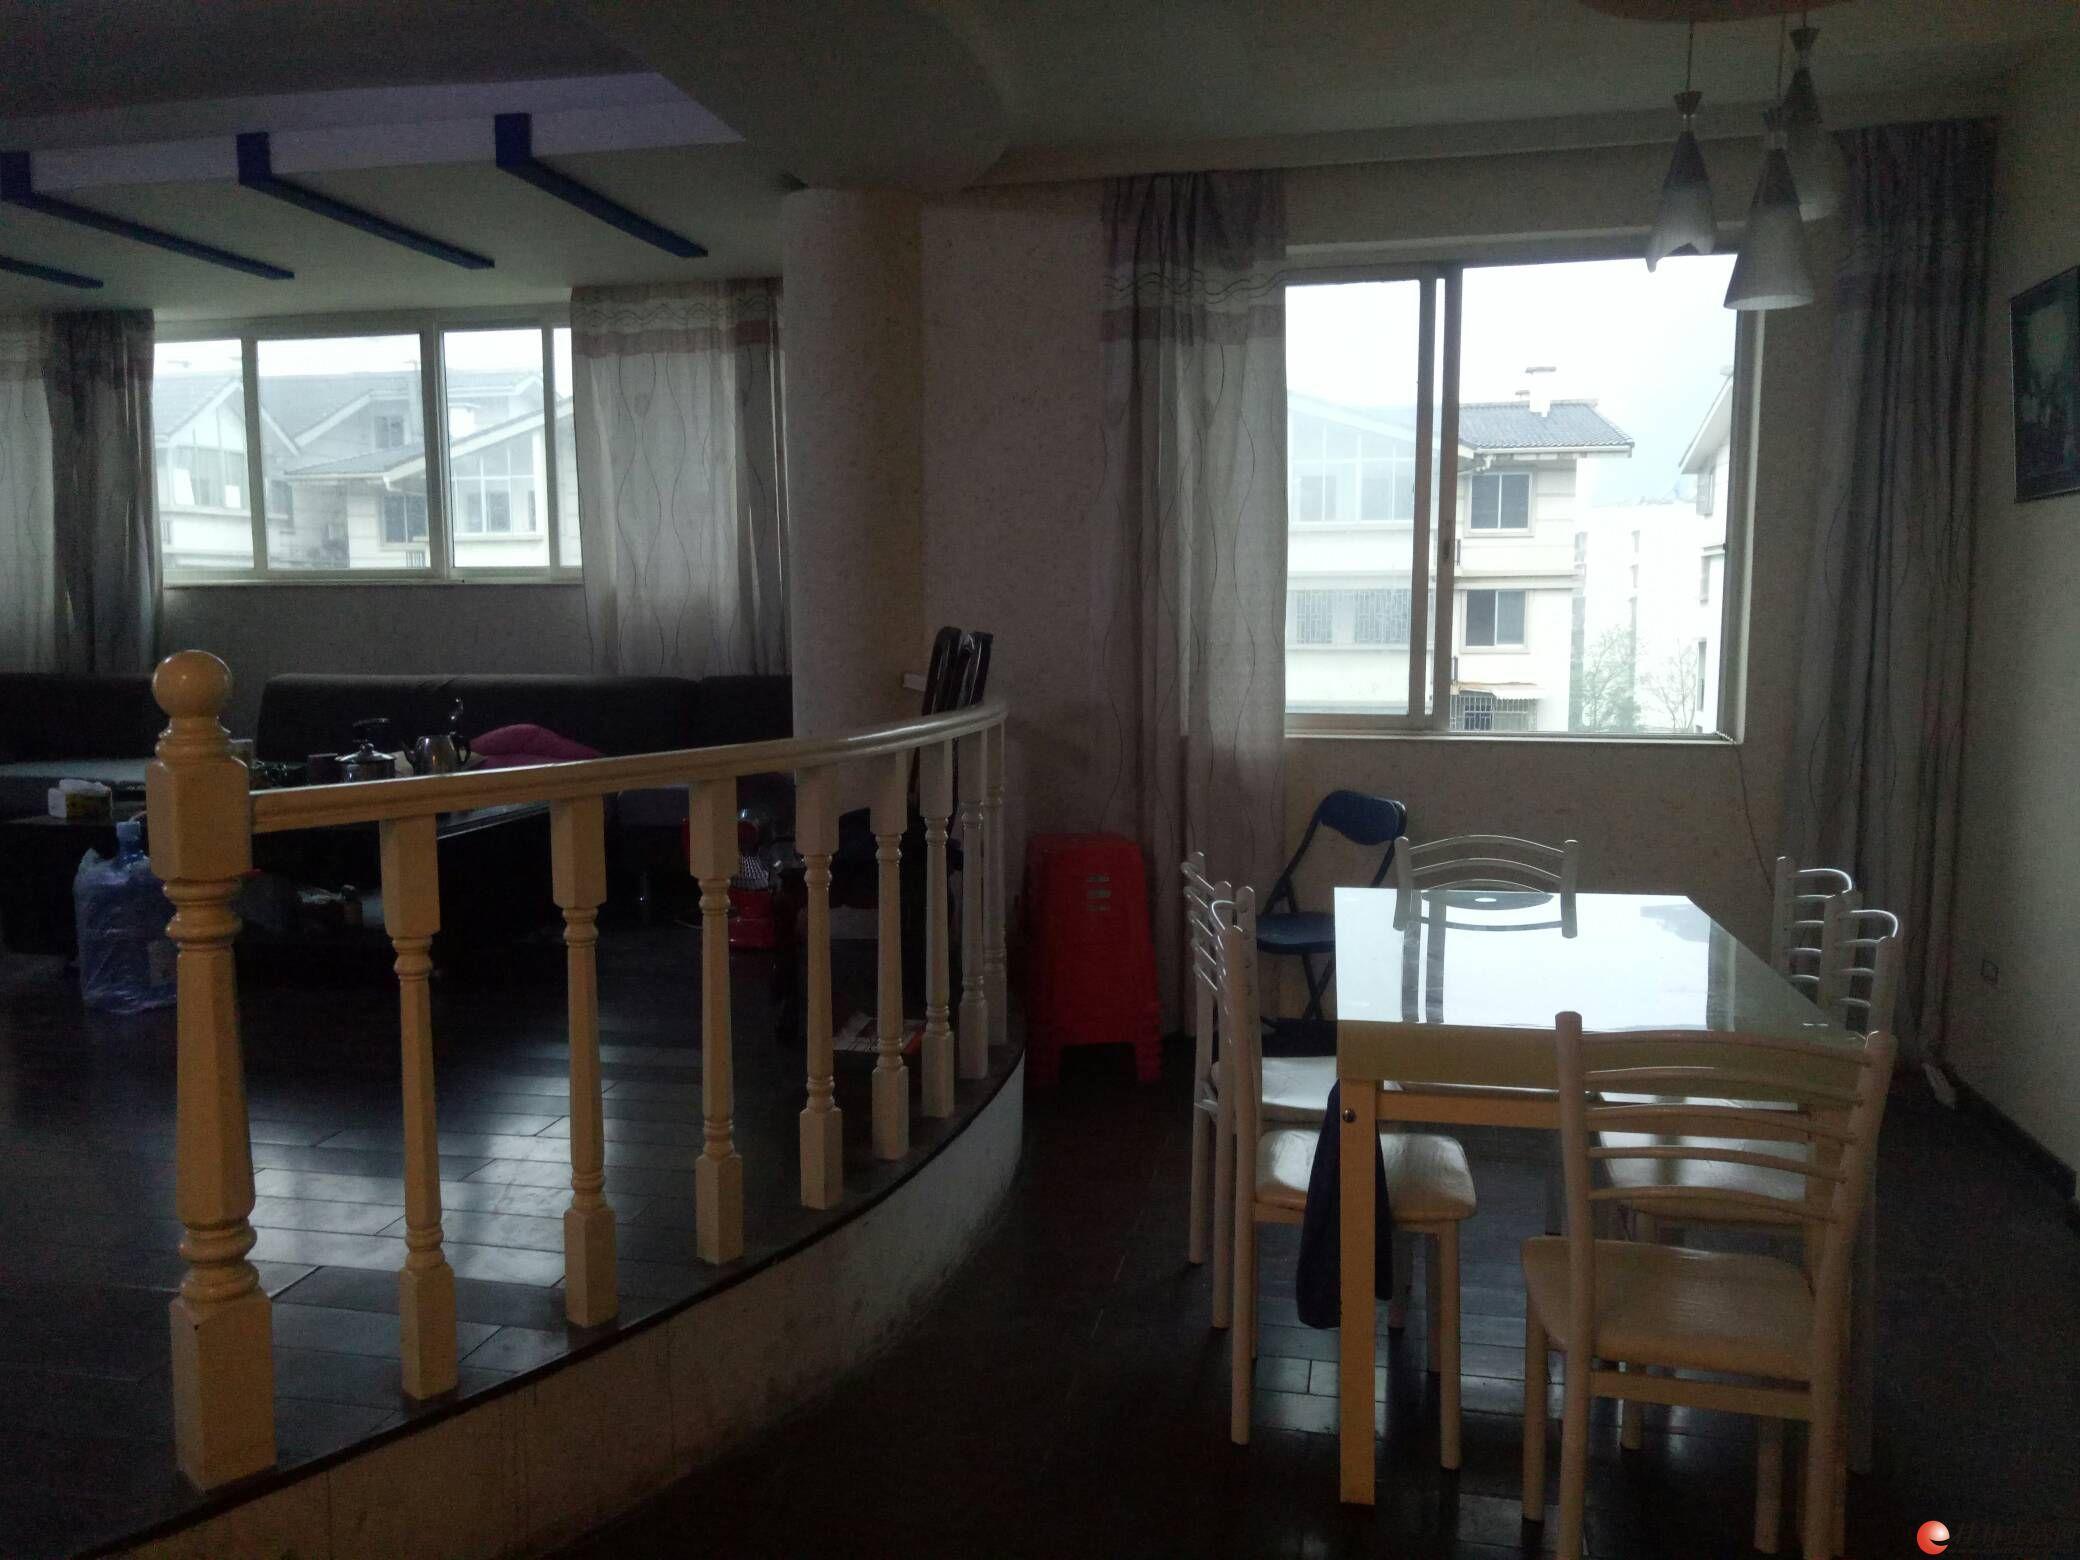 M叠彩名门3室2厅2卫 128平方 一梯两户 售70万